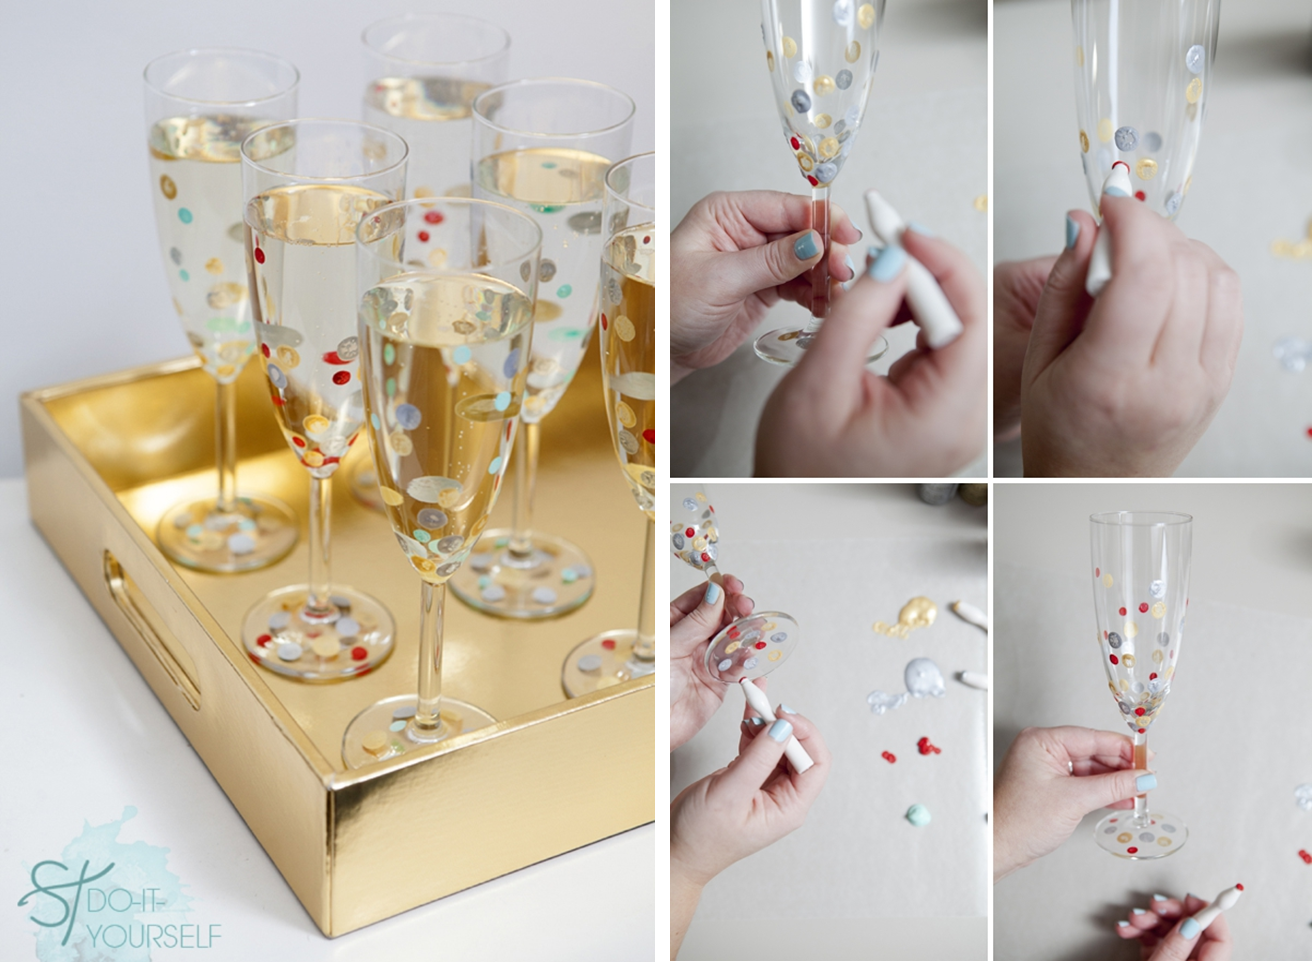 Decoraci n f cil decorando copas y vasos para fin de a o - Como decorar copas de cristal ...